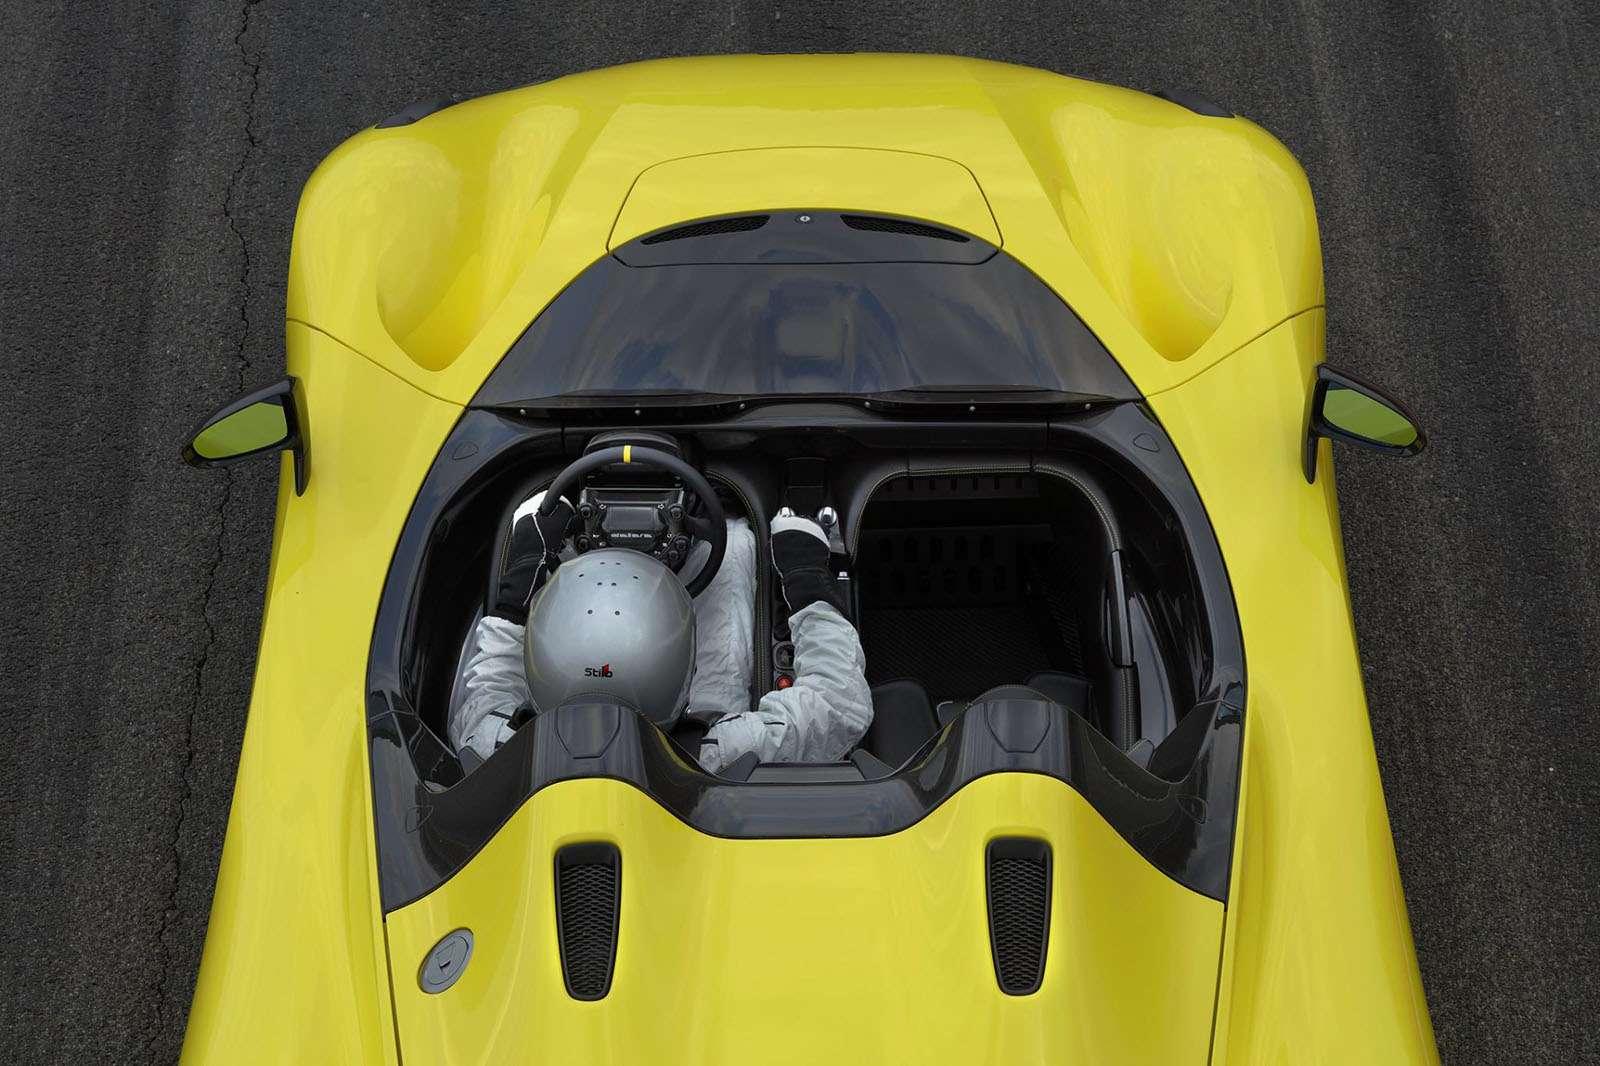 Гоночная машина надороге? Возможно итакое: Dallara выпустит спорткар— фото 816901